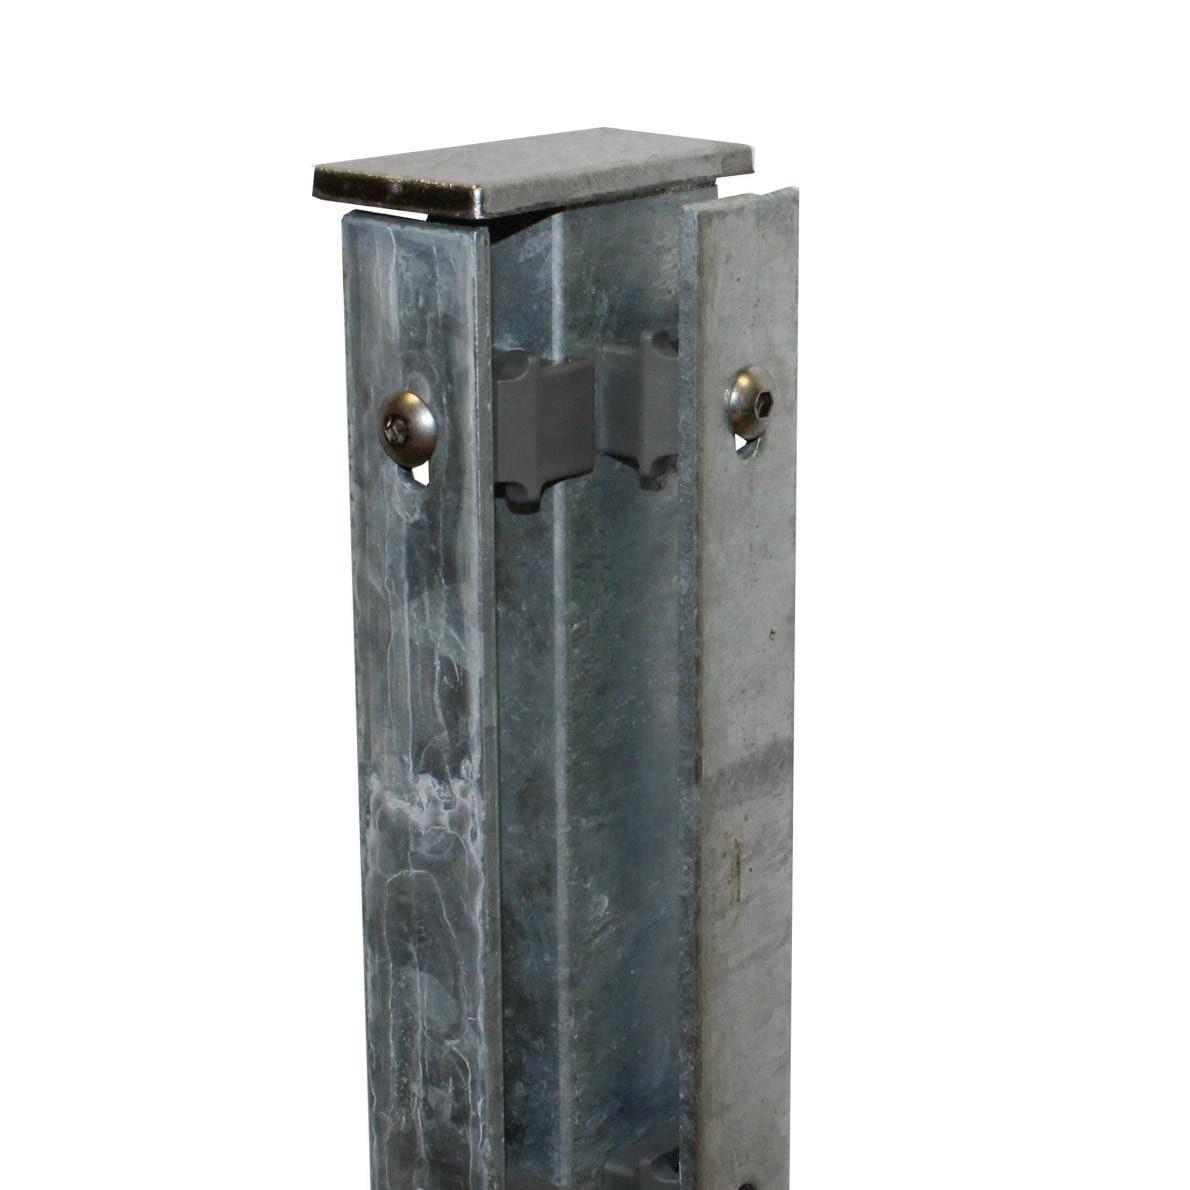 Höhe 1830 mm verzinkt Zaunpfosten 60x40 mm Typ HS Eck